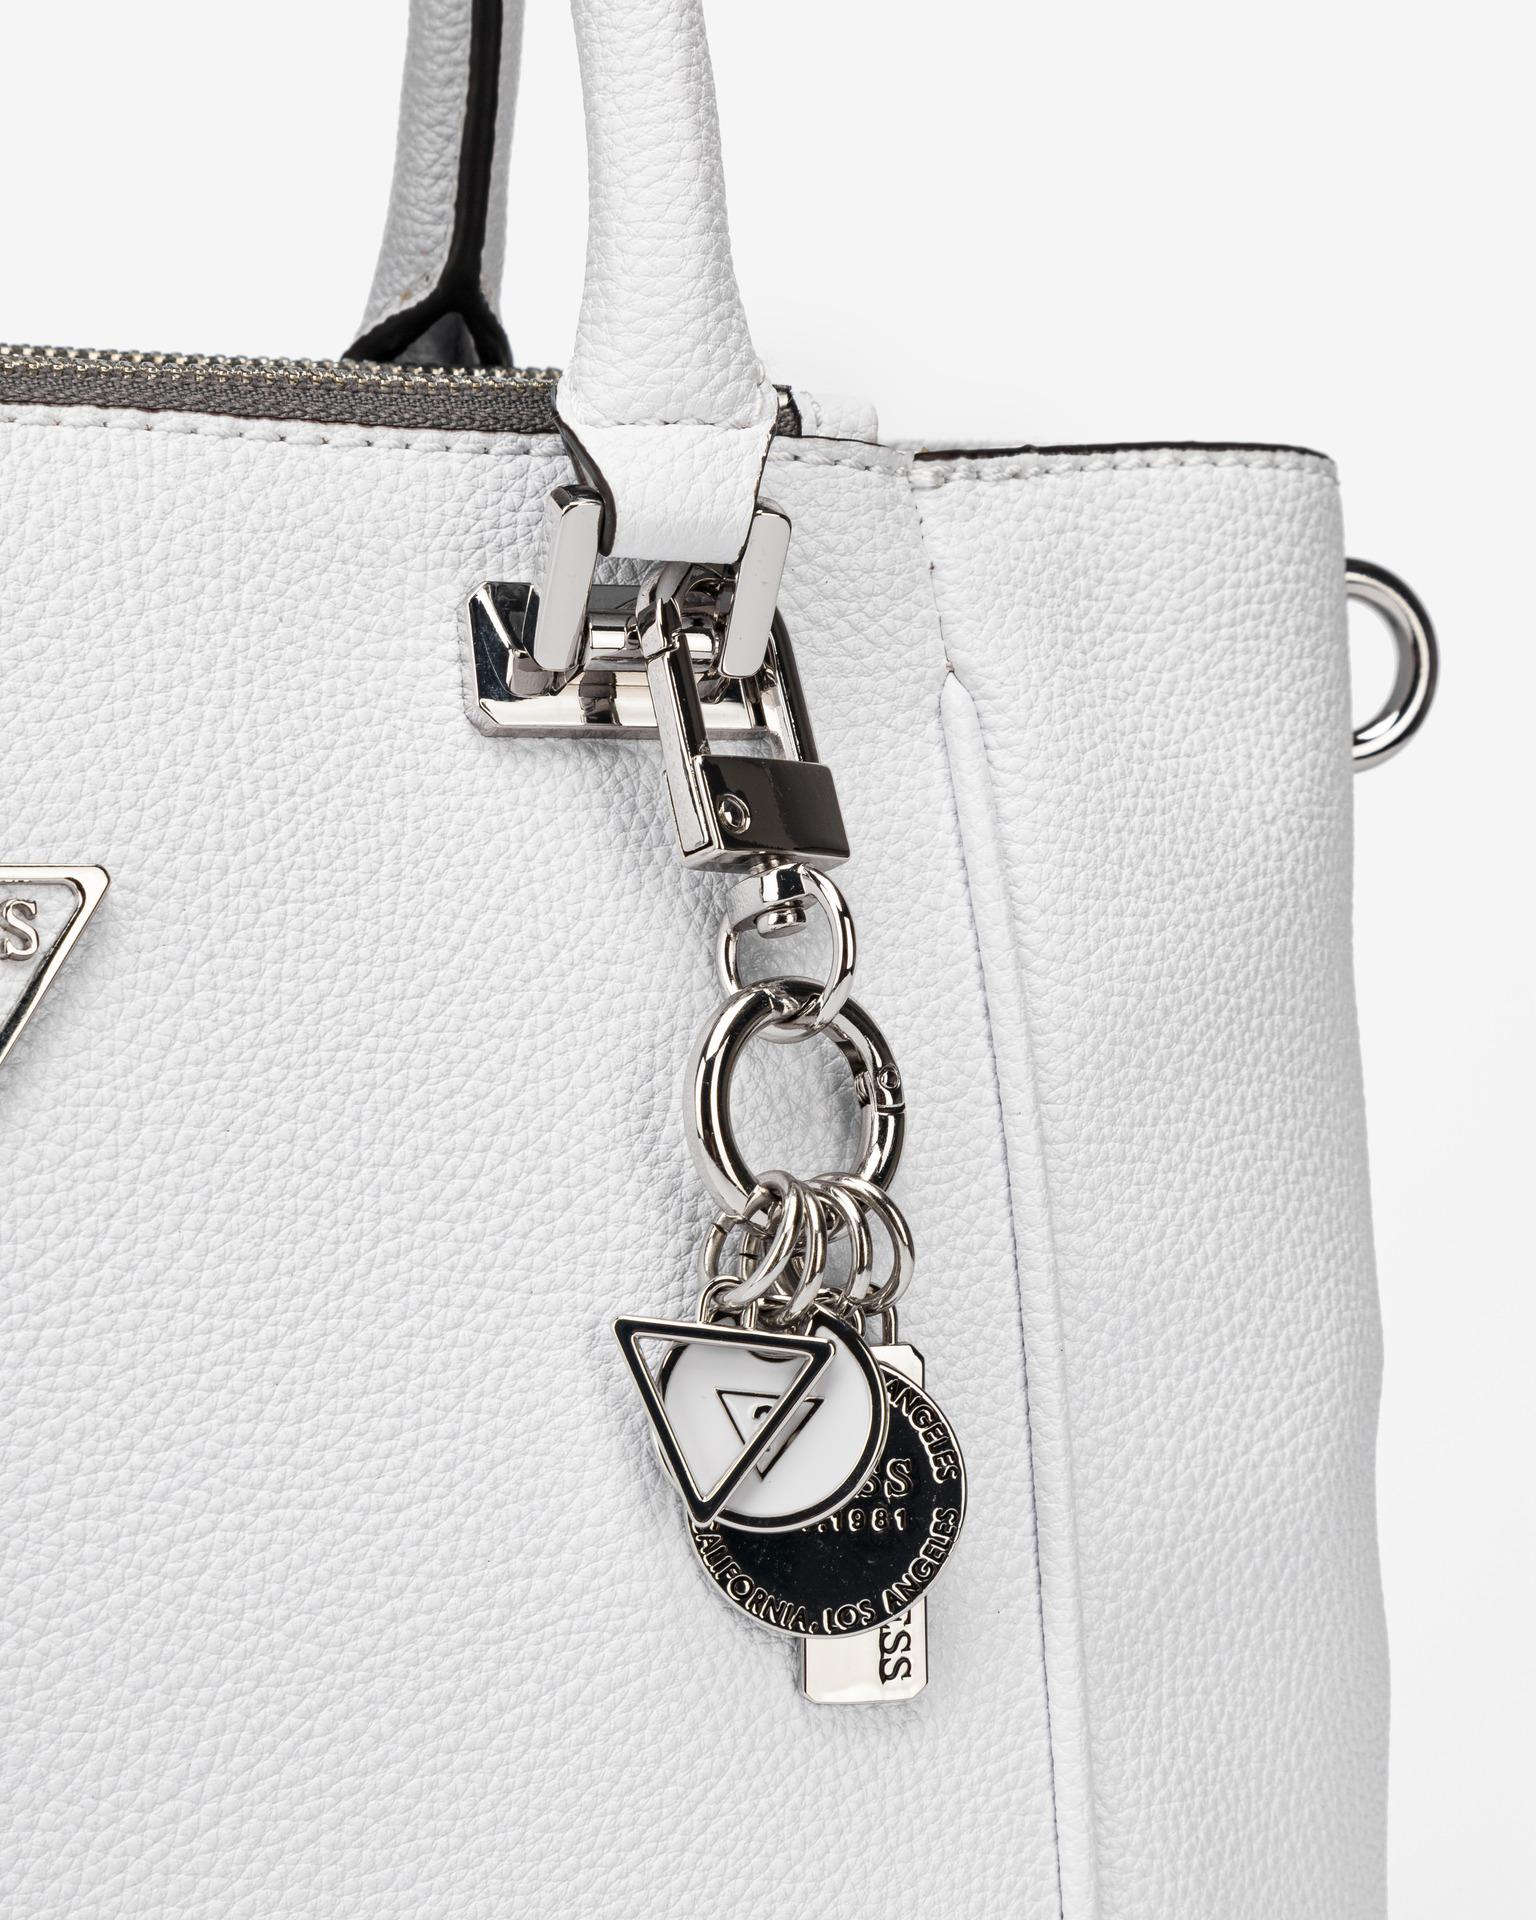 Guess white handbag Destiny Status